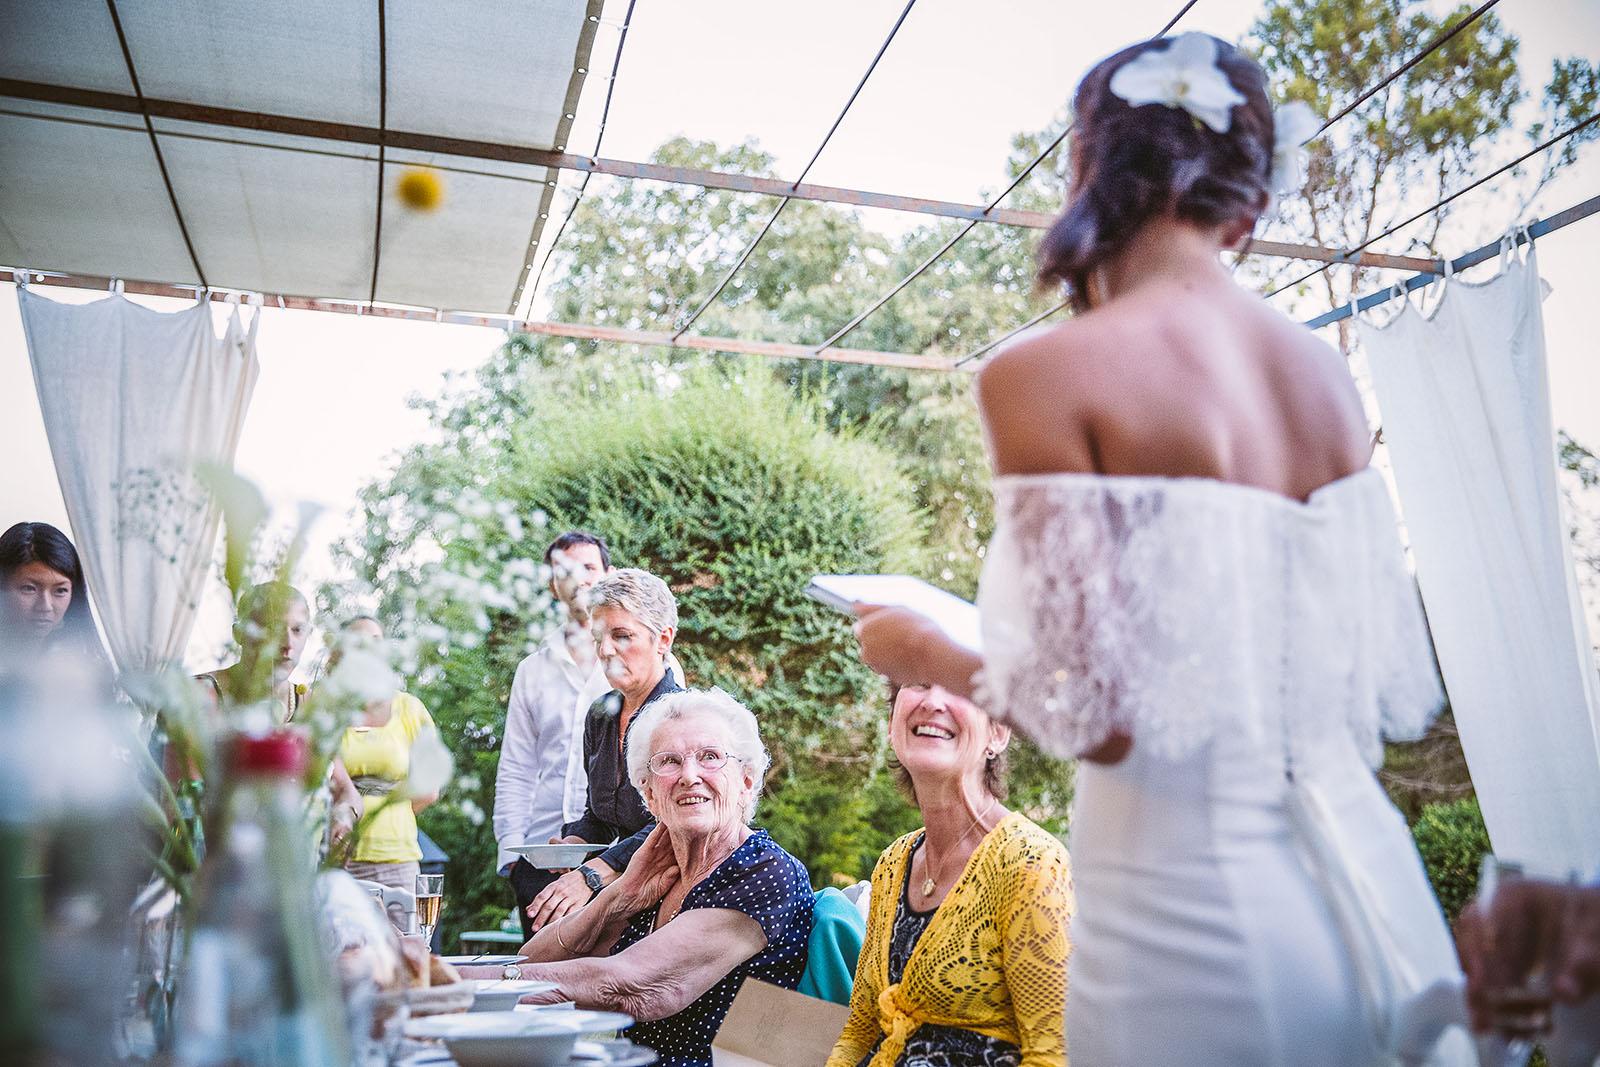 Mariage Mas de La Rouquette. David Pommier photographe de mariage. Discours de la mariée pour la mère du marié